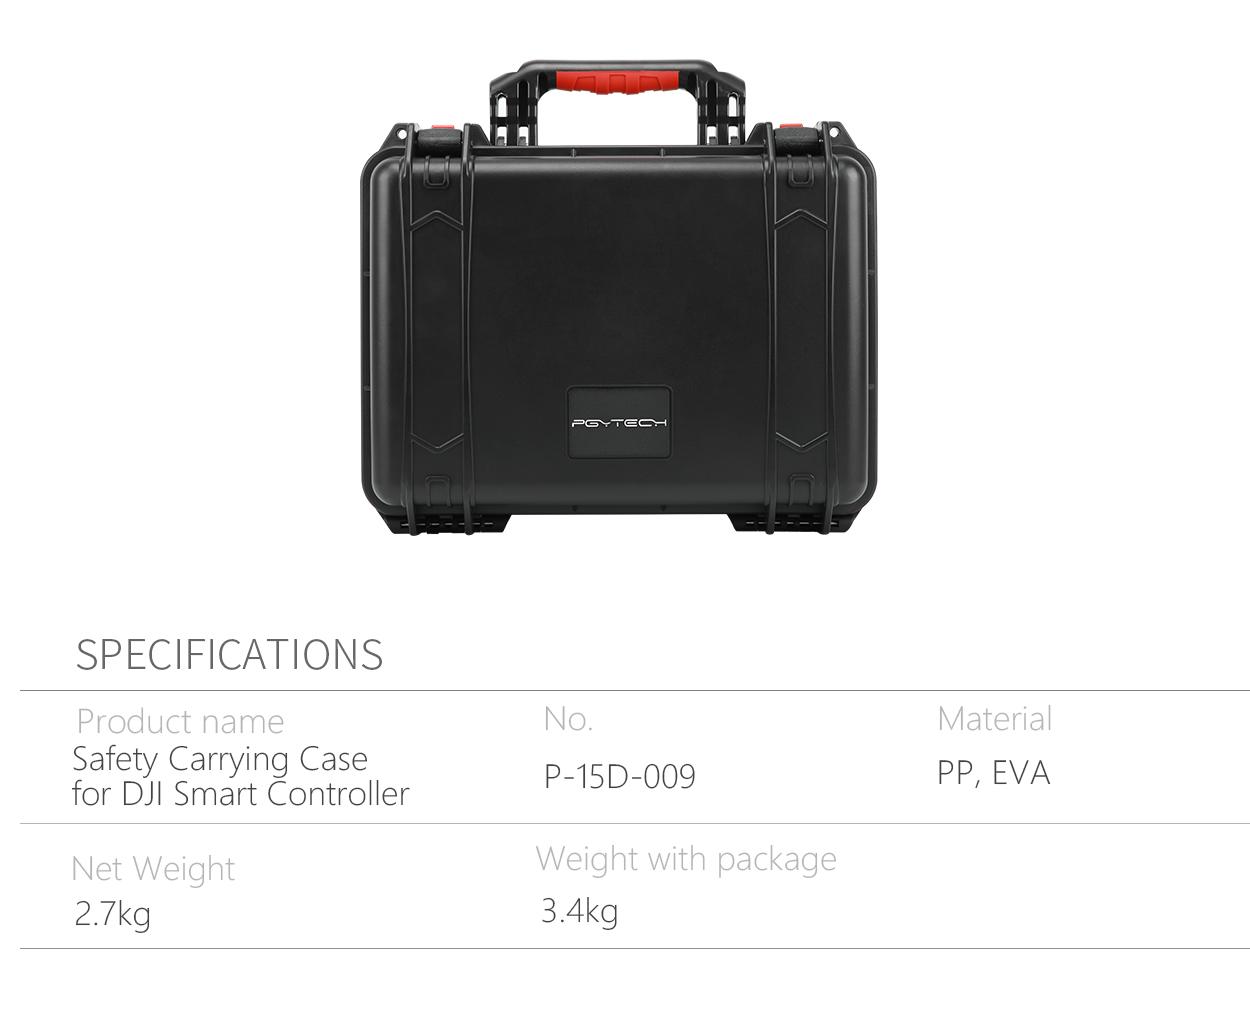 pgy-sc-safty-case2.jpg